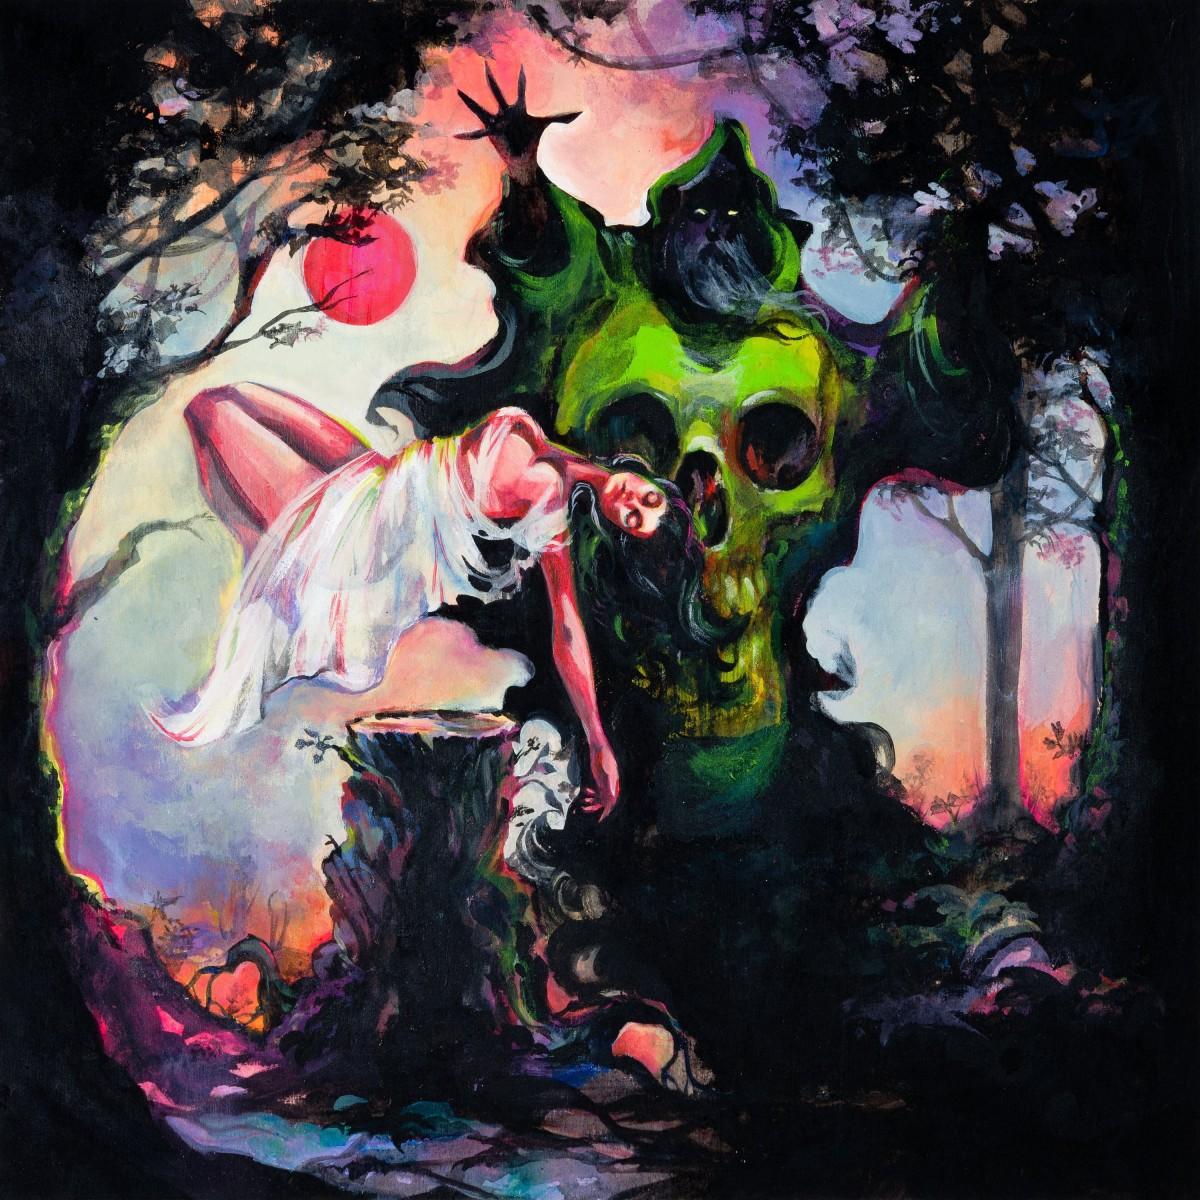 Synth Album Review: Salvatore Mercatante, Il Lamento Della Strega (The Lament of the Witch)  Part 1